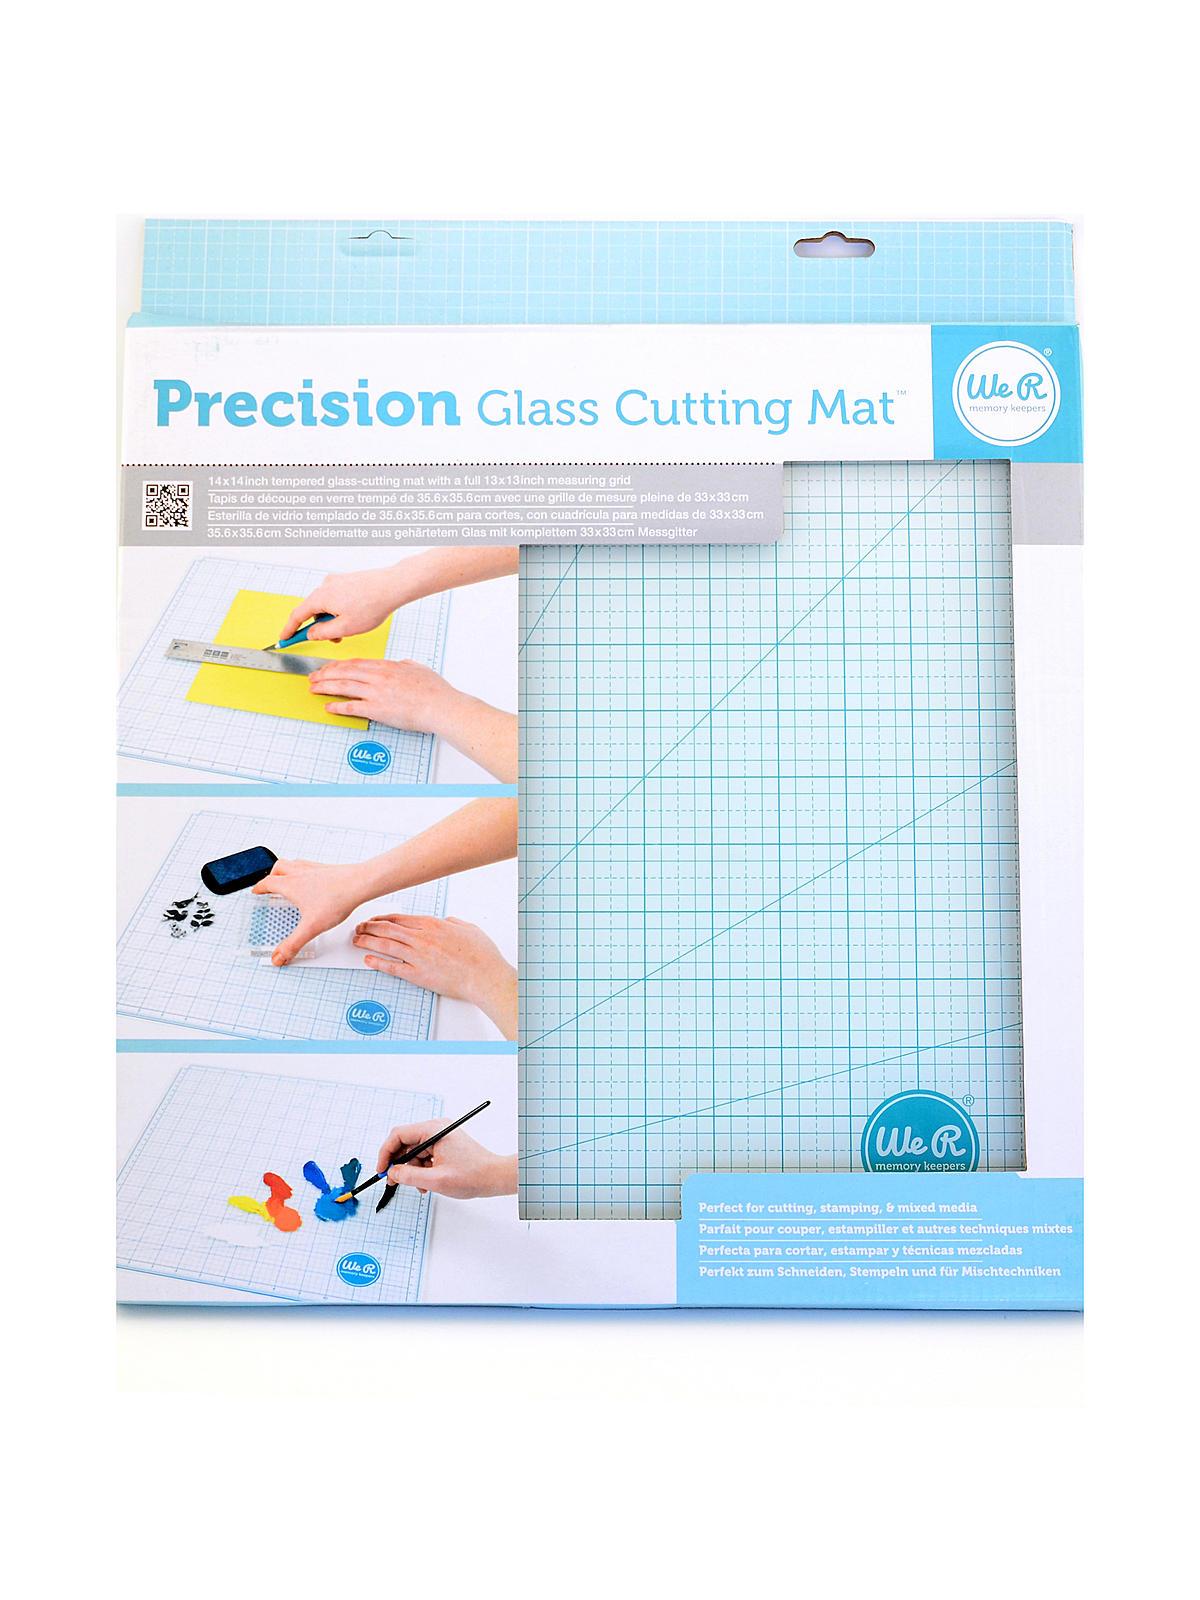 Precision Glass Cutting Mat